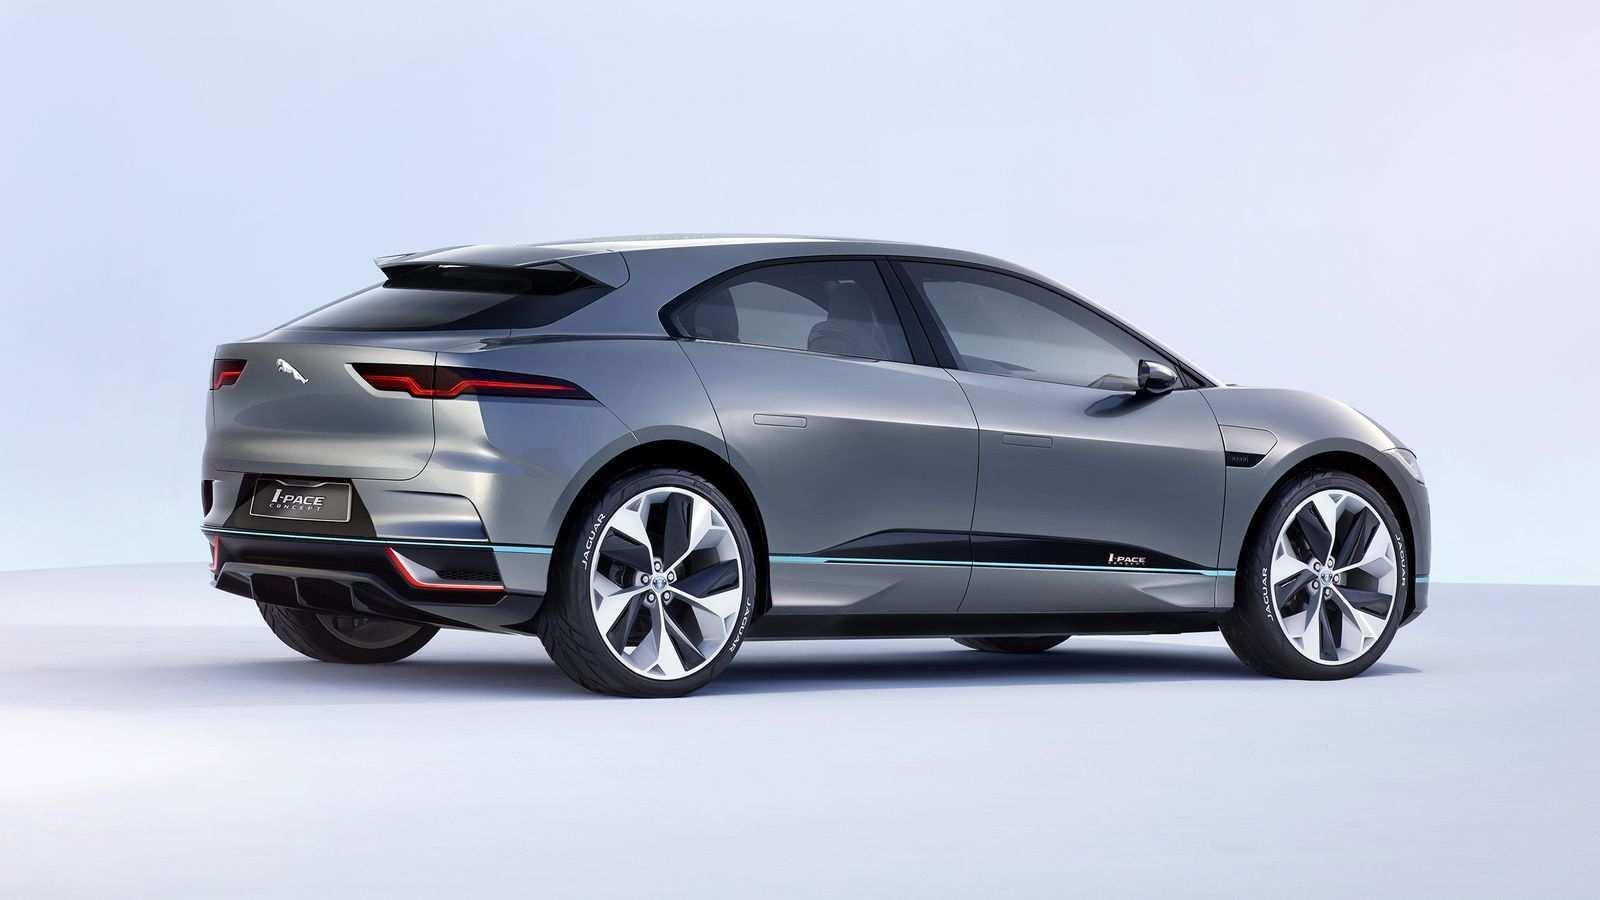 85 The 2020 Jaguar I Pace Model by 2020 Jaguar I Pace